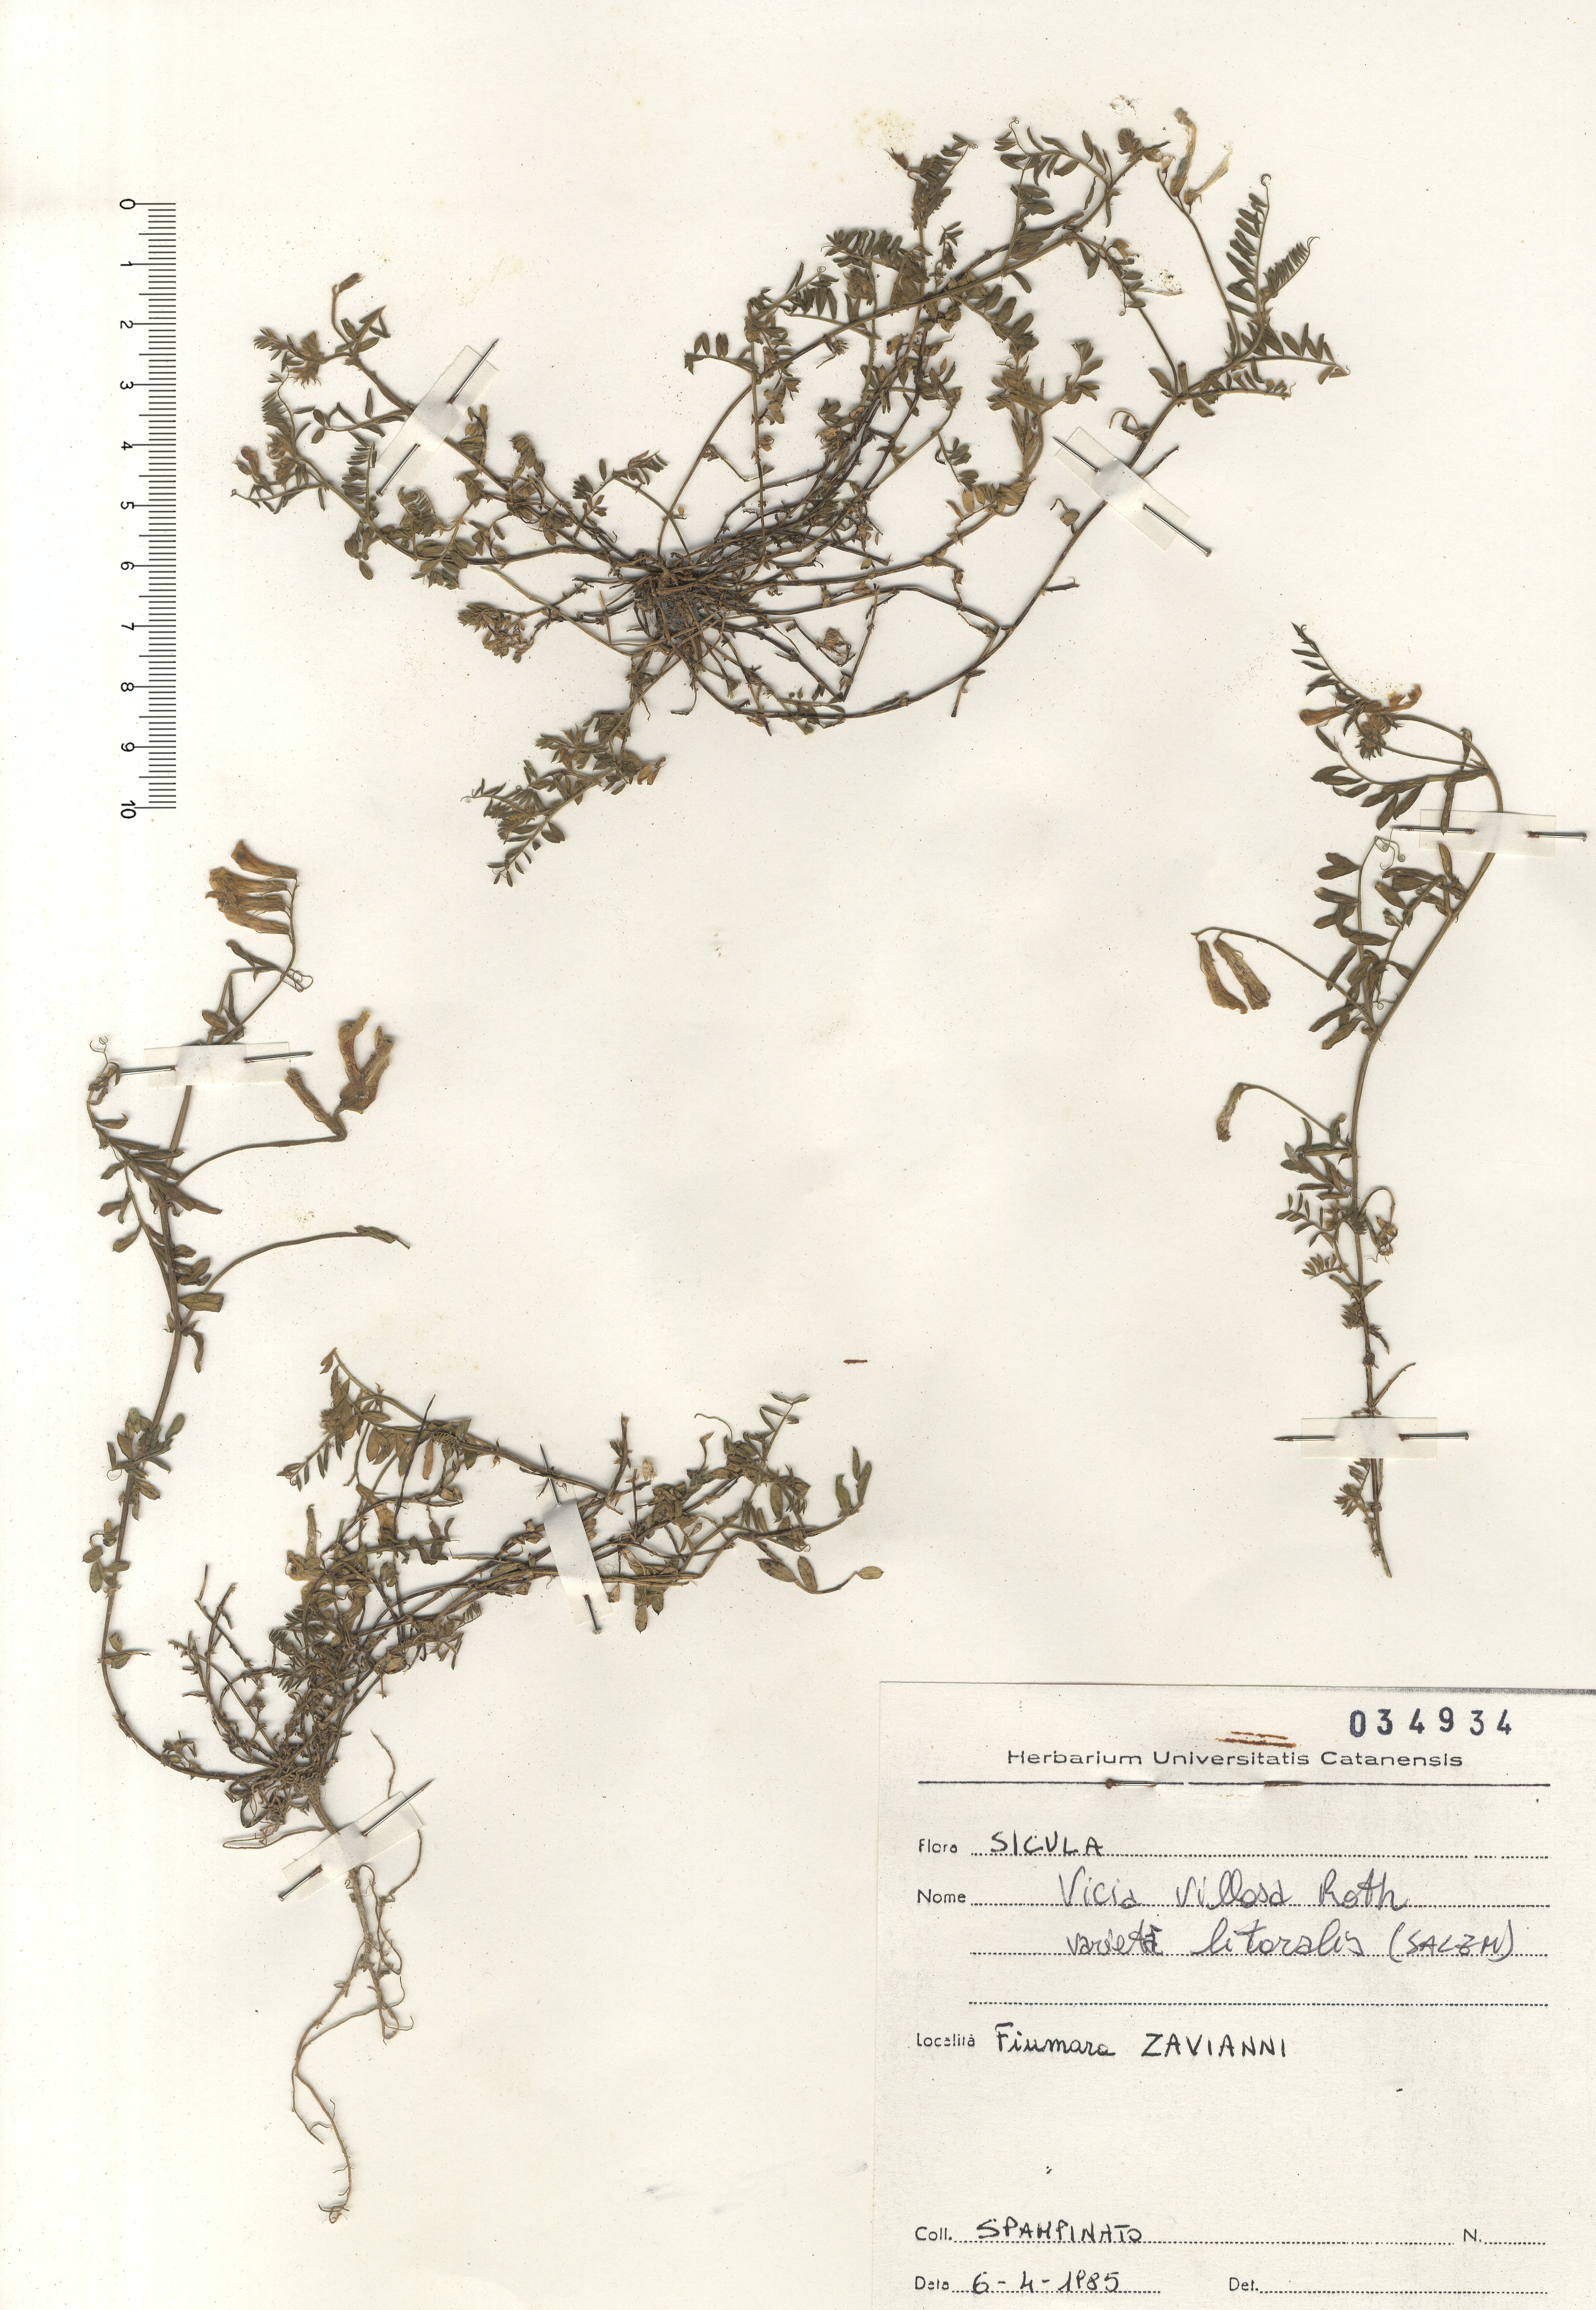 © Hortus Botanicus Catinensis - Herb. sheet 034934<br>